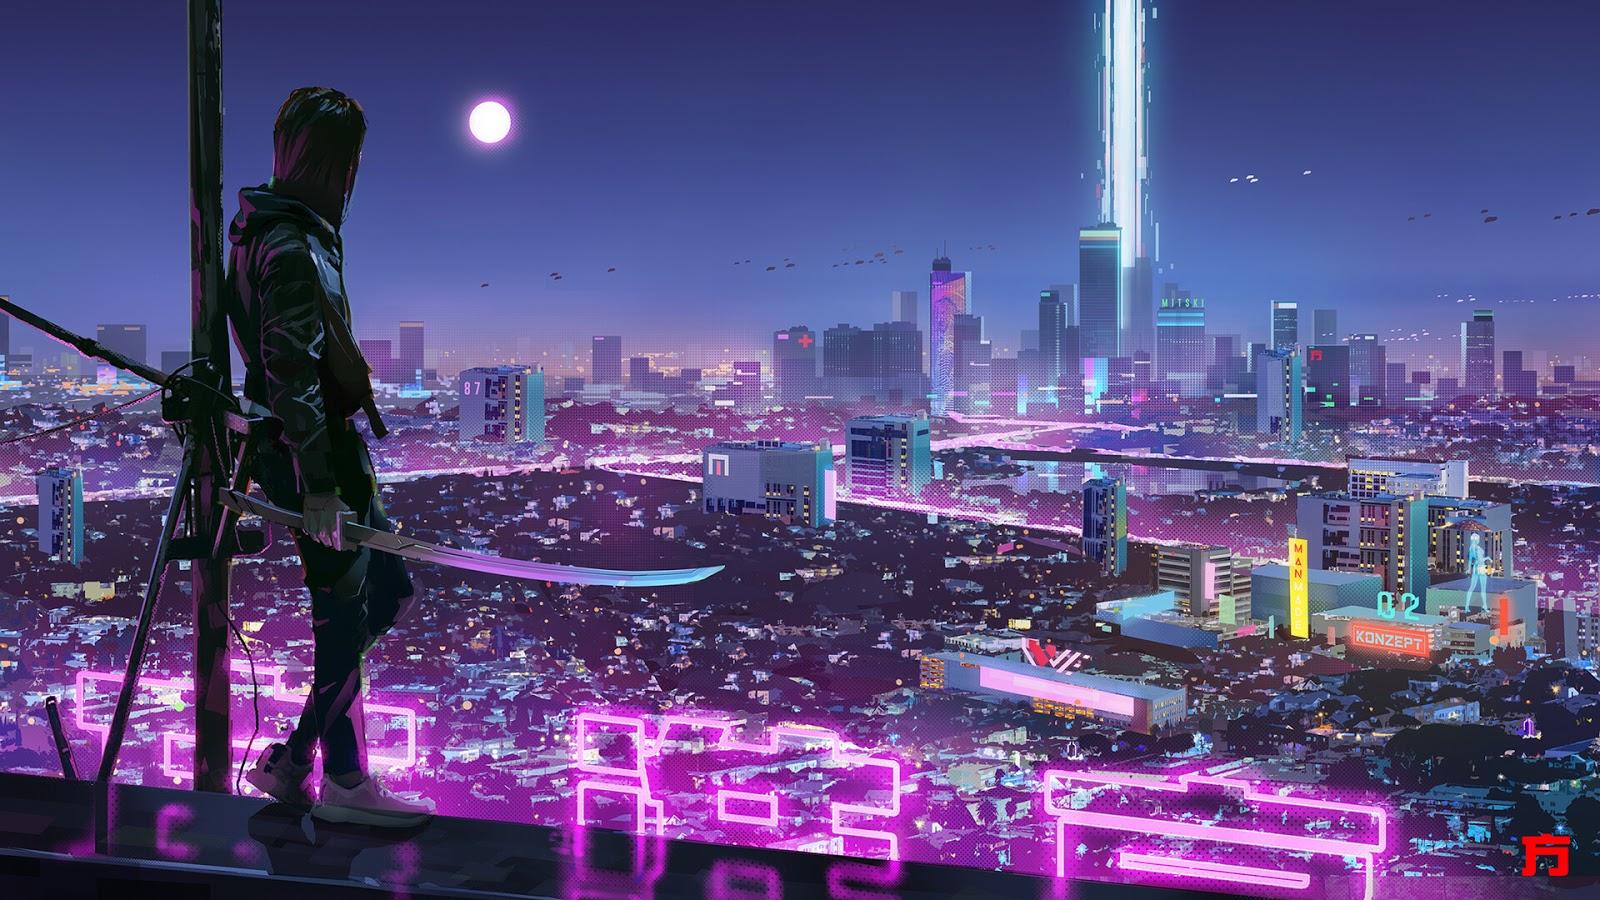 Cyberpunk desktop wallpaper